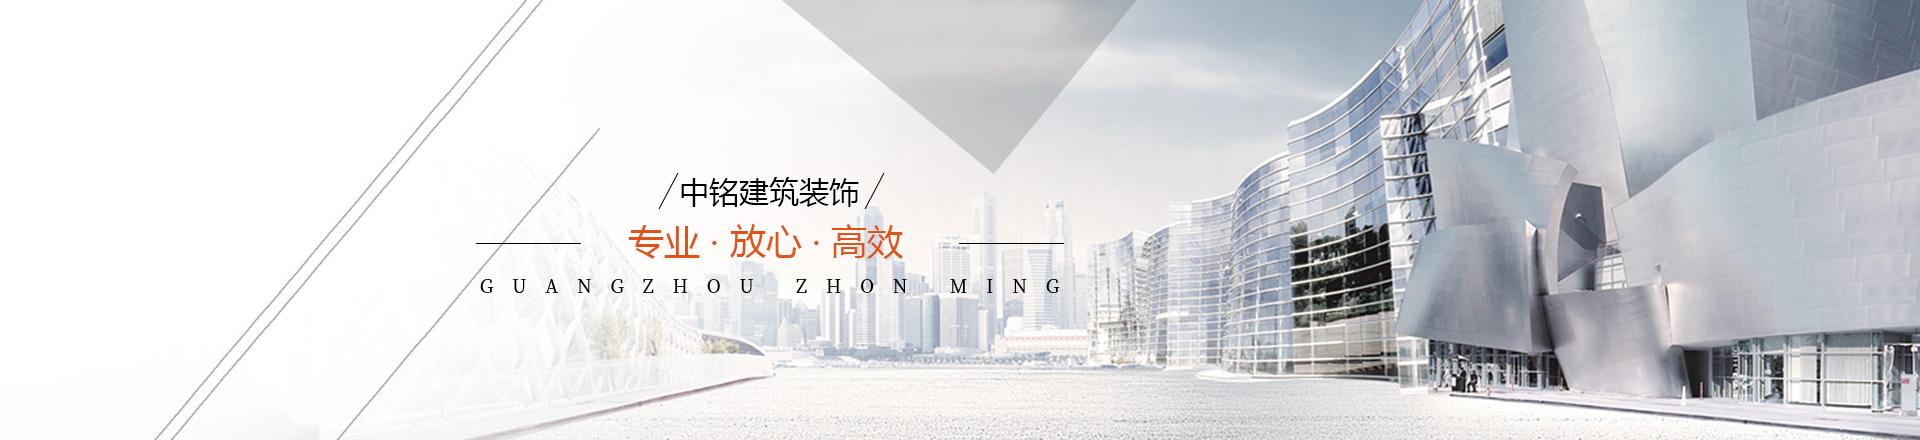 广州办公室爱博体育足球公司,广州店铺爱博体育足球公司